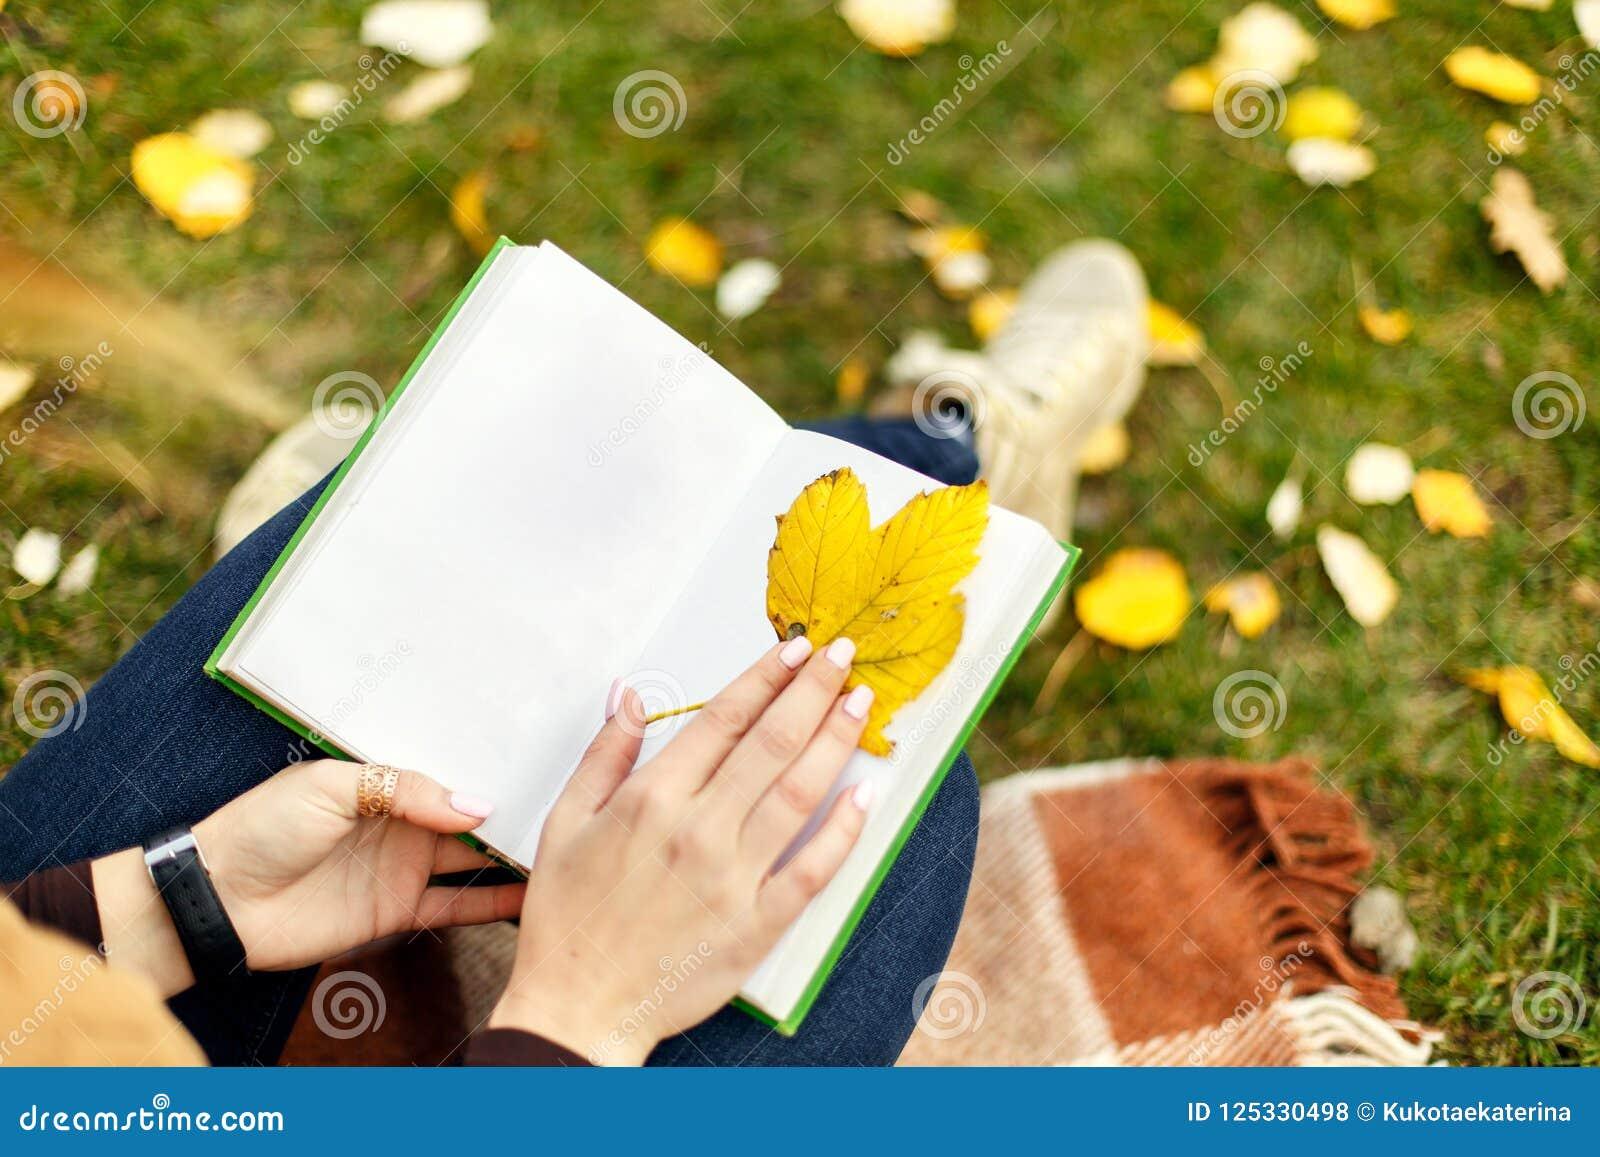 La vue de ci-dessus sur des mains de femme avec le livre ouvert utilisant la feuille de yeelow aiment le repère pour un livre, en